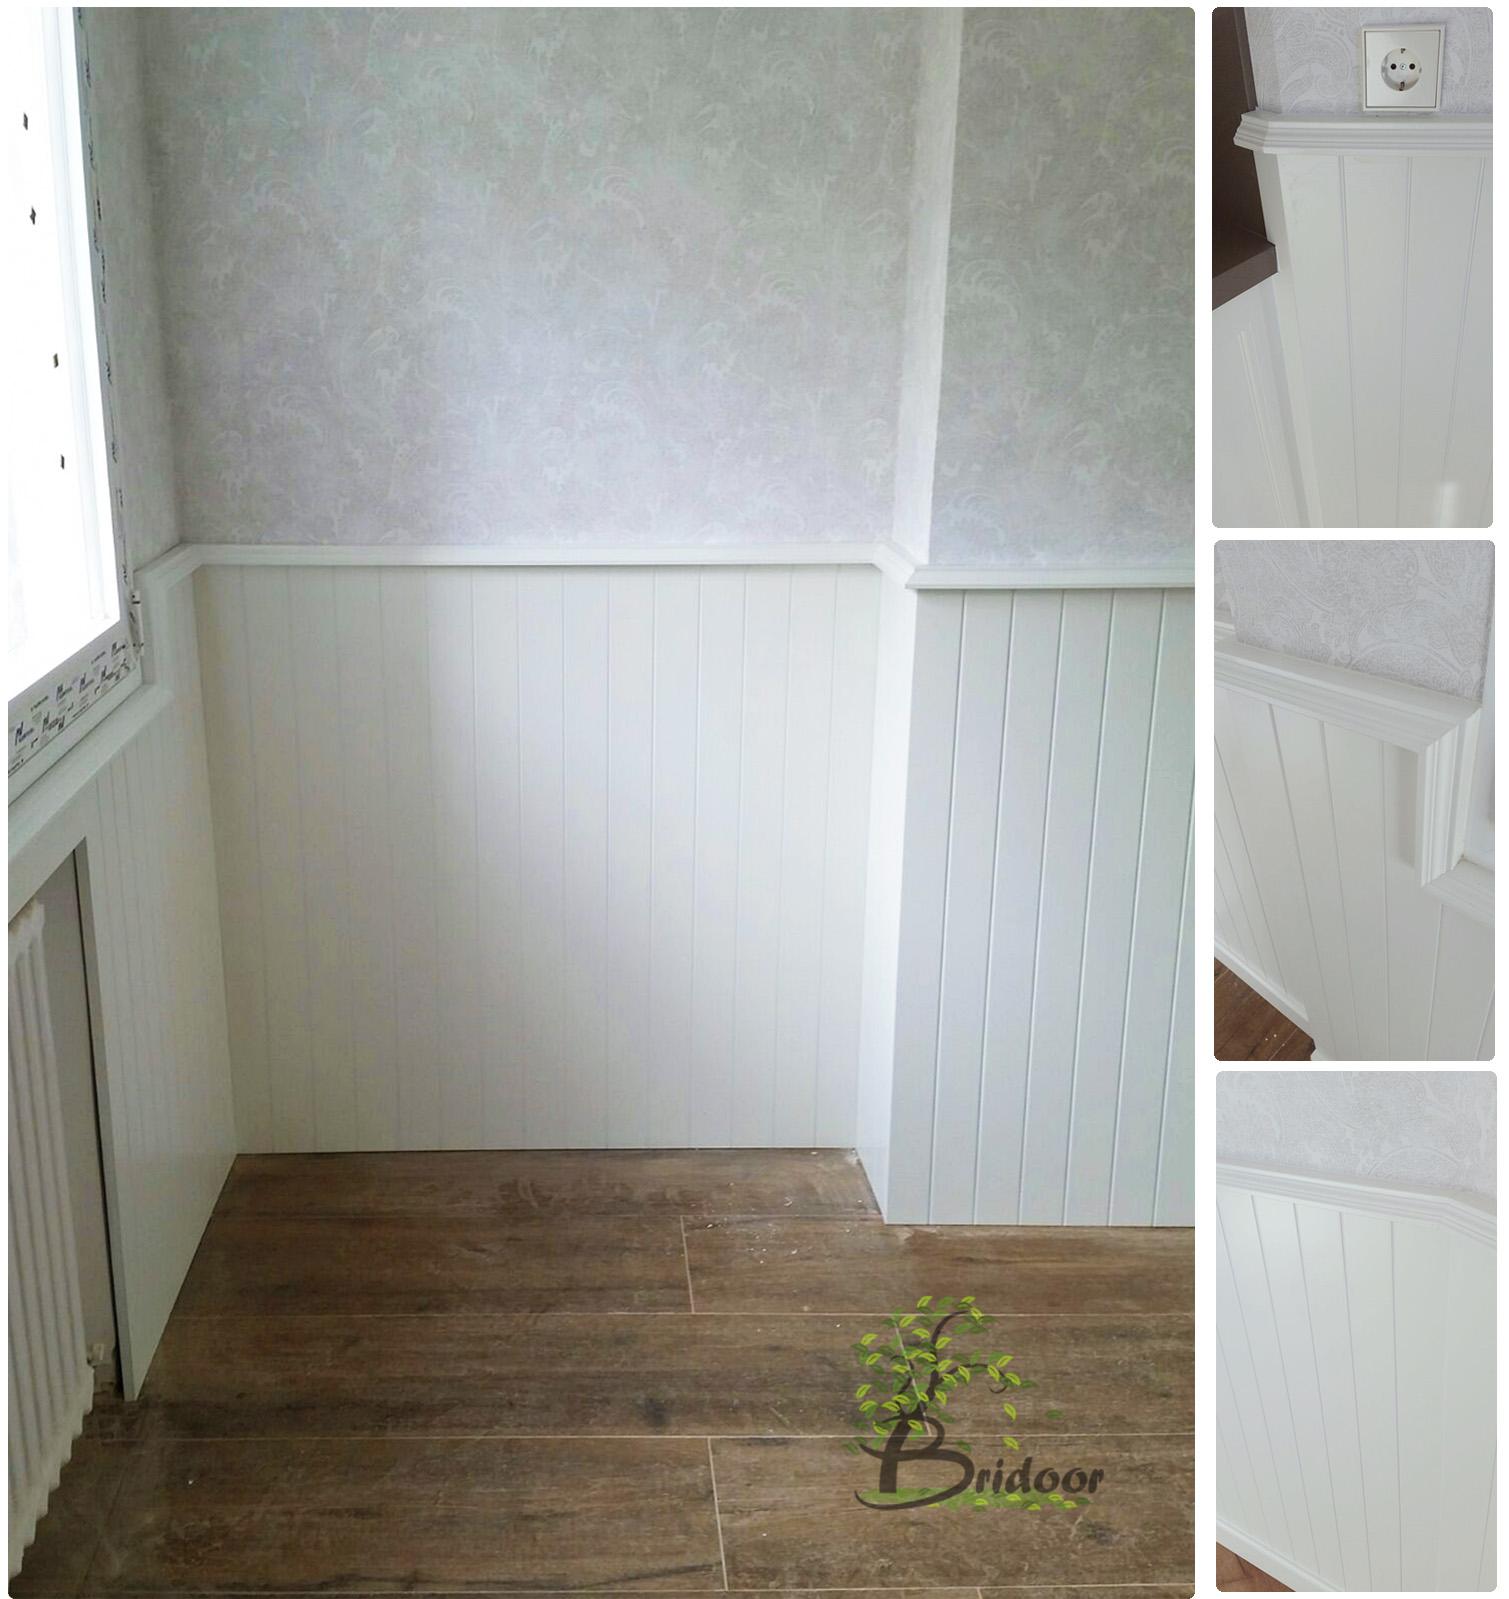 Bridoor s l vivienda con friso y puertas lacadas en chamart n - Habitaciones con friso ...